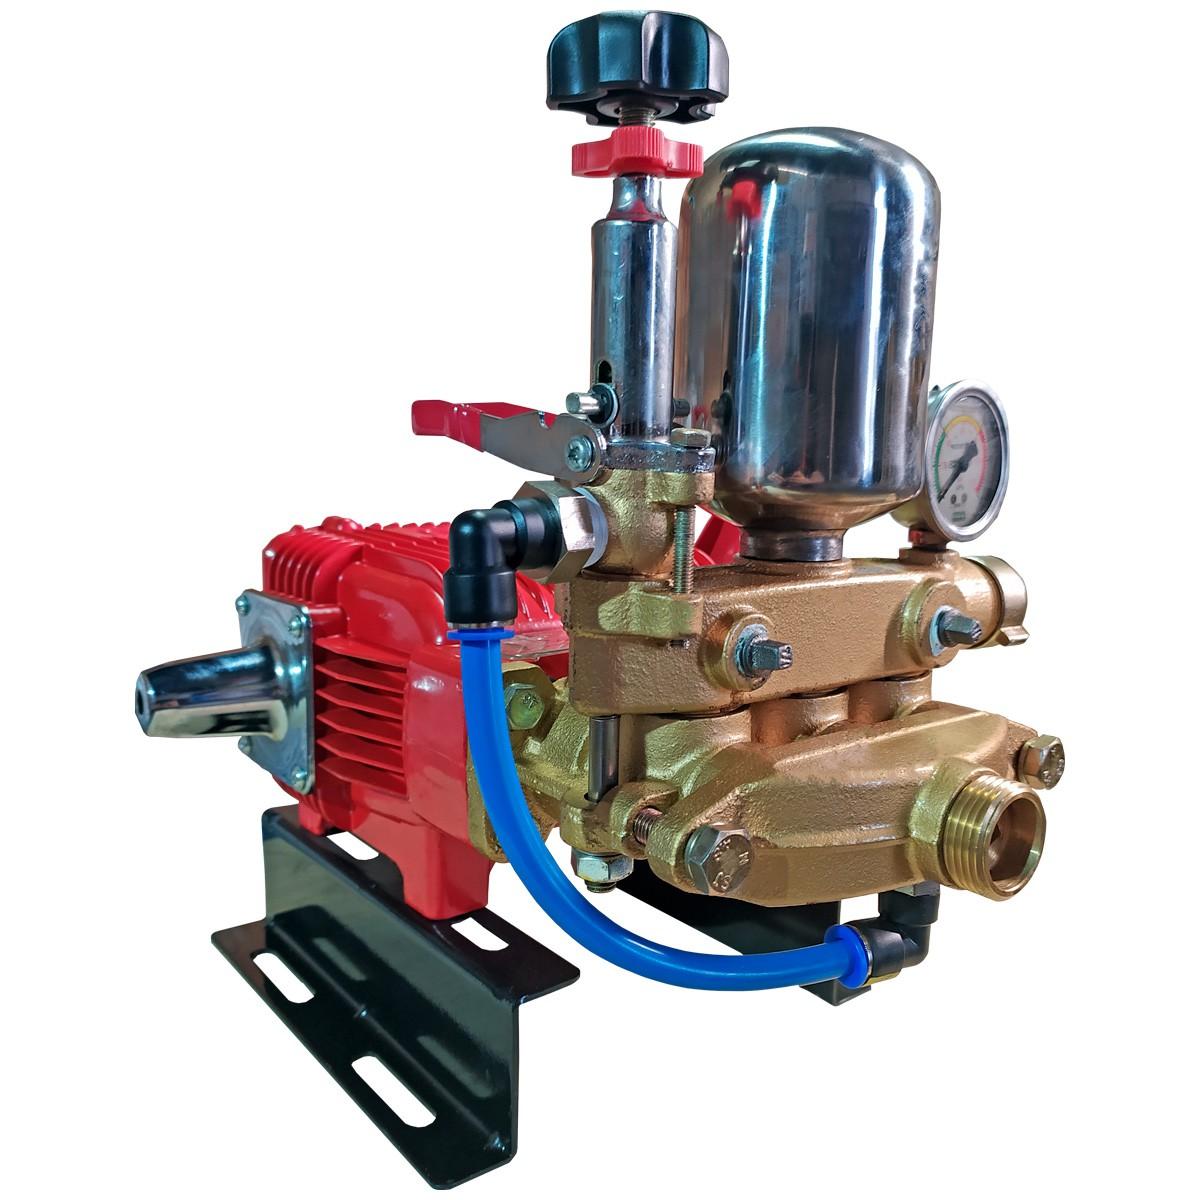 Bomba Lavadora Profissional Alta Pressão Motor Monofásico 22L Carrinho 10m